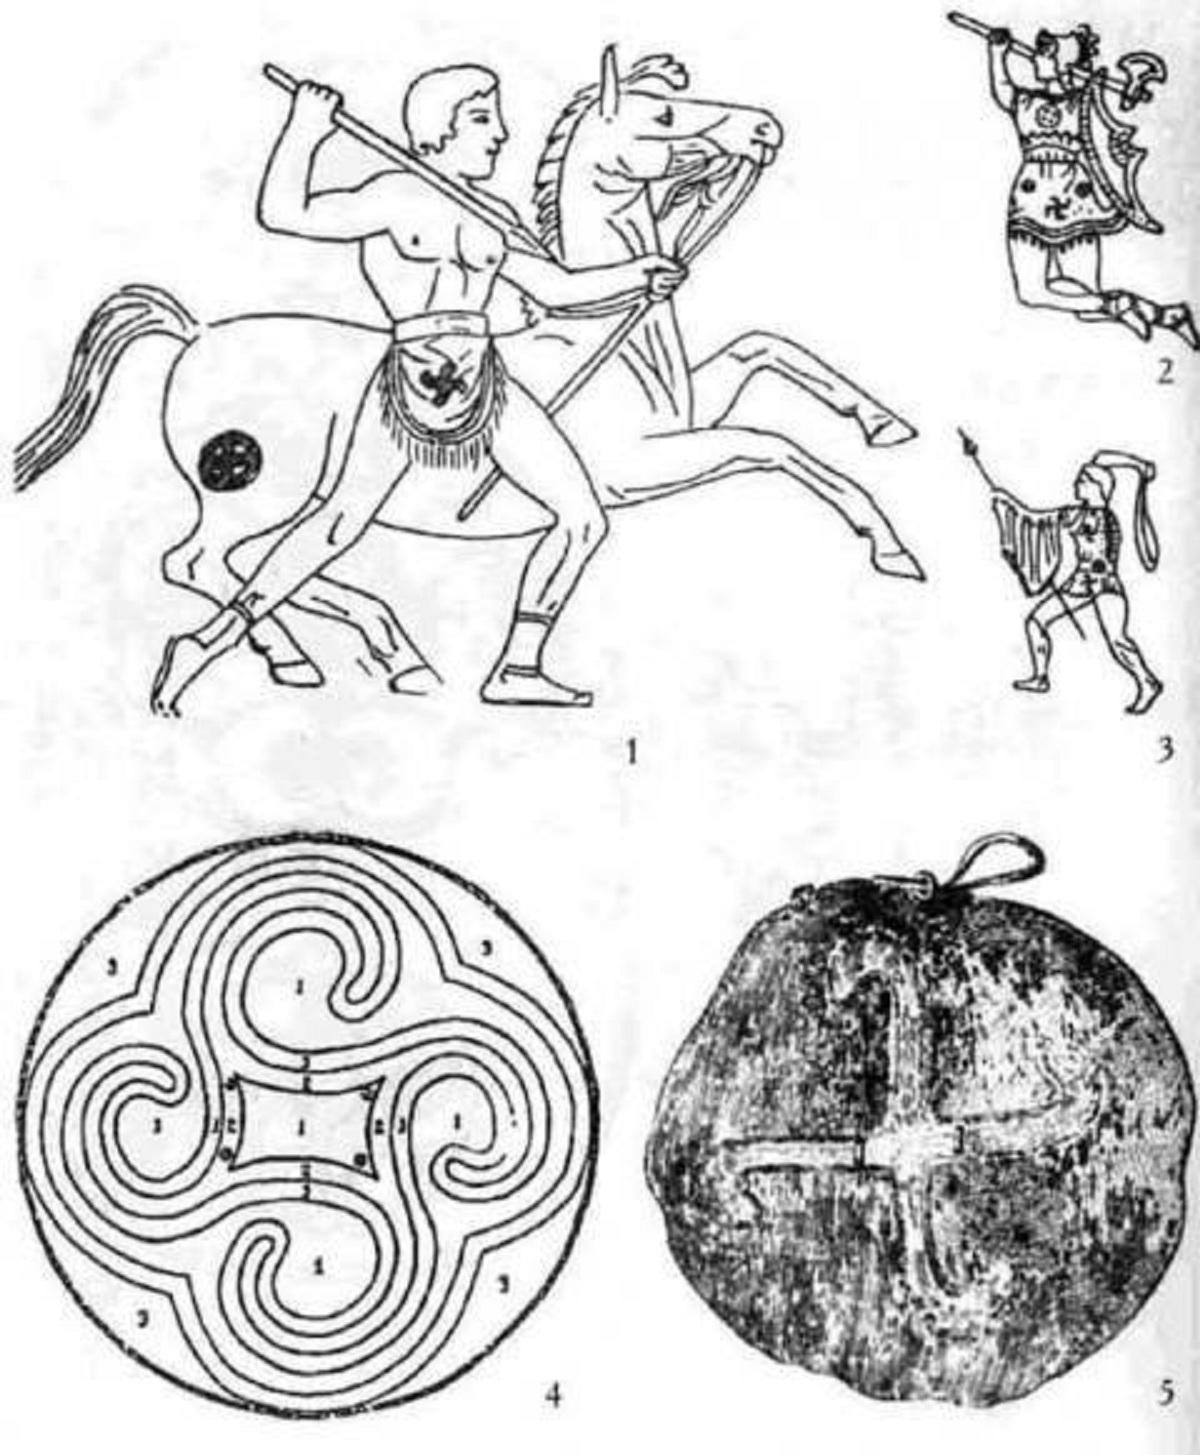 Οὐκρανικά ἤ Ἑλληνικά;2